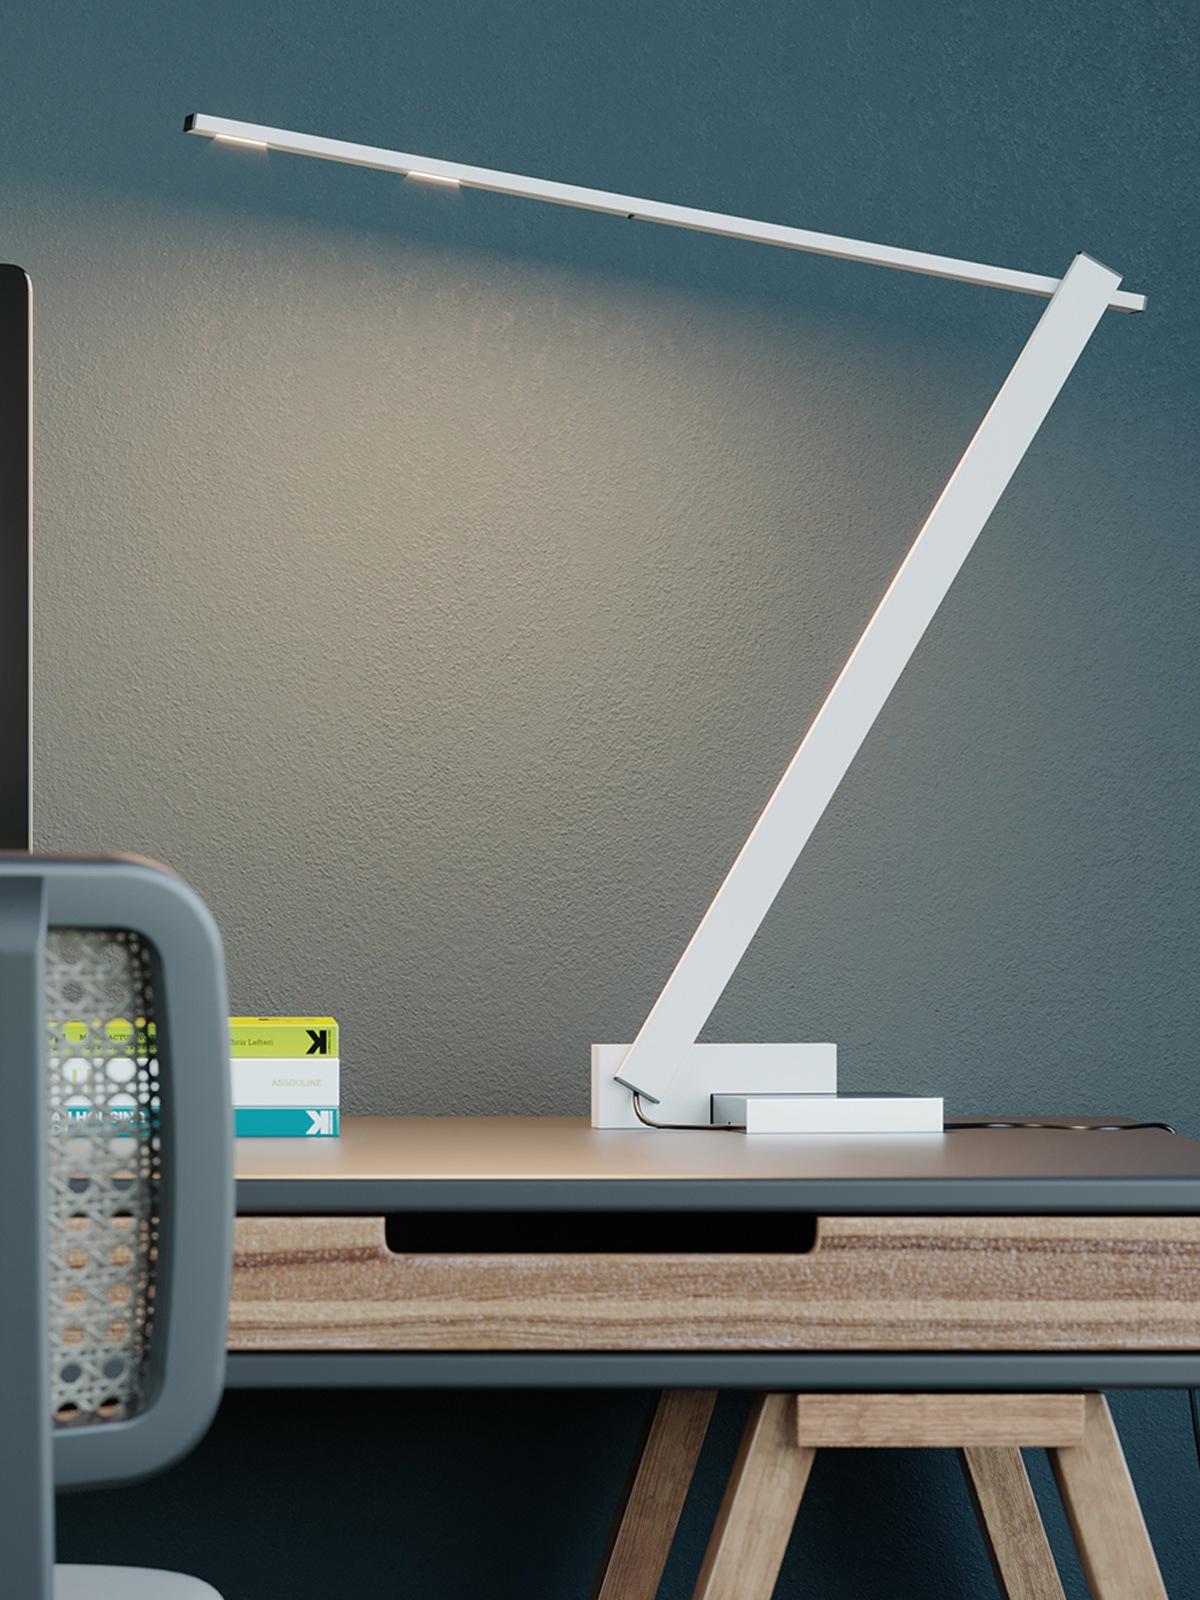 BYOK Nastrino LED Tischleuchte DesignOrt Lampen Onlineshop Berlin